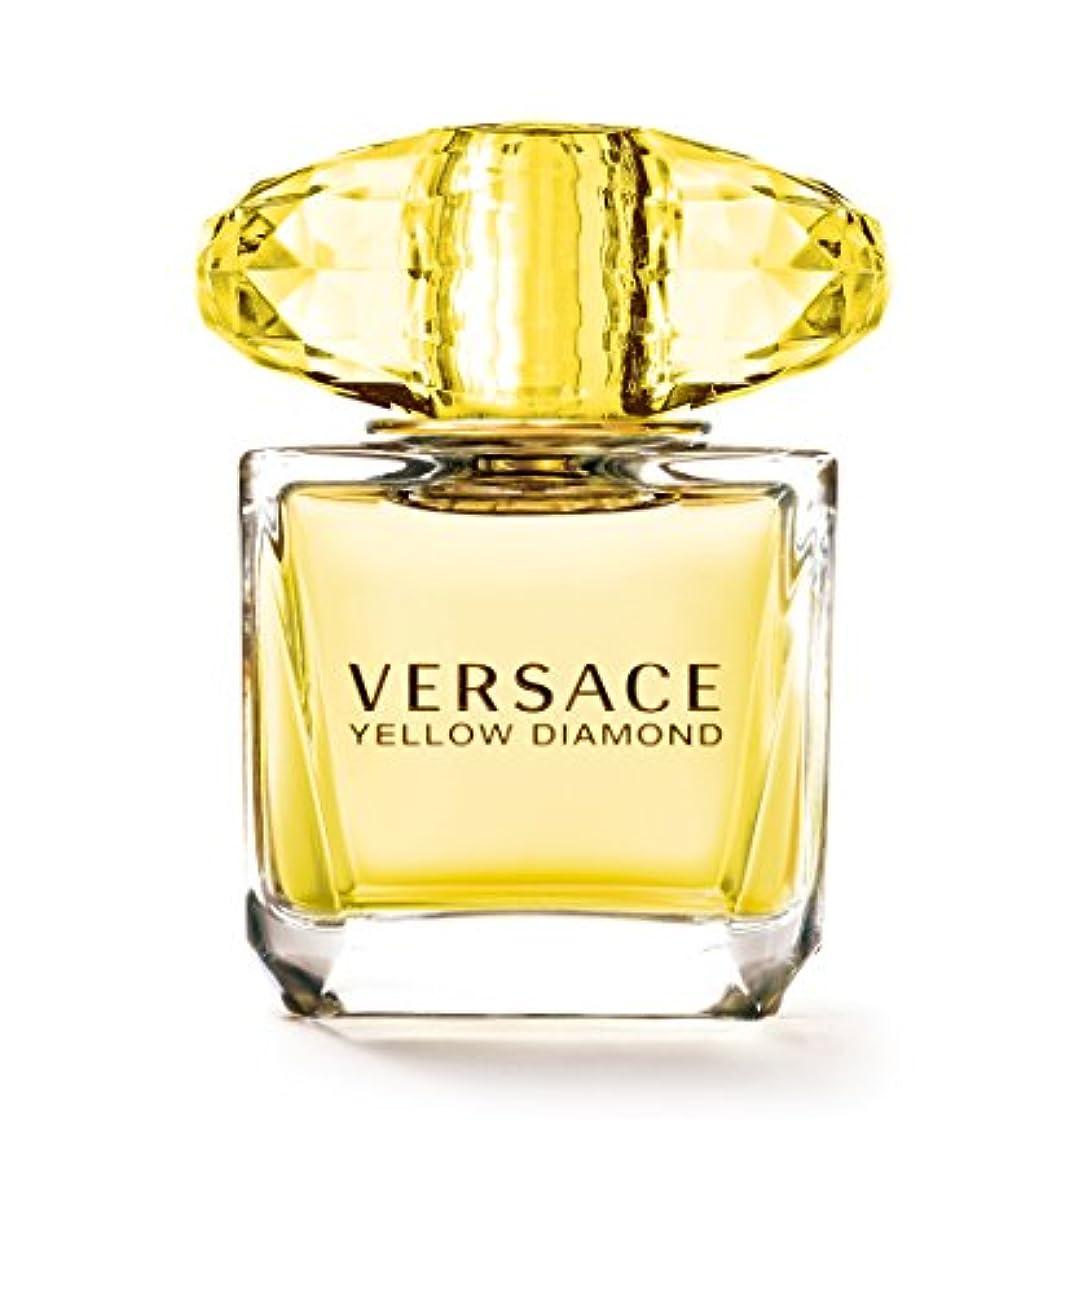 わずらわしいキノコ時Versace(ヴェルサーチ) ヴェルサーチェ イエローダイアモンド EDT フルーティー?フローラル 30ml